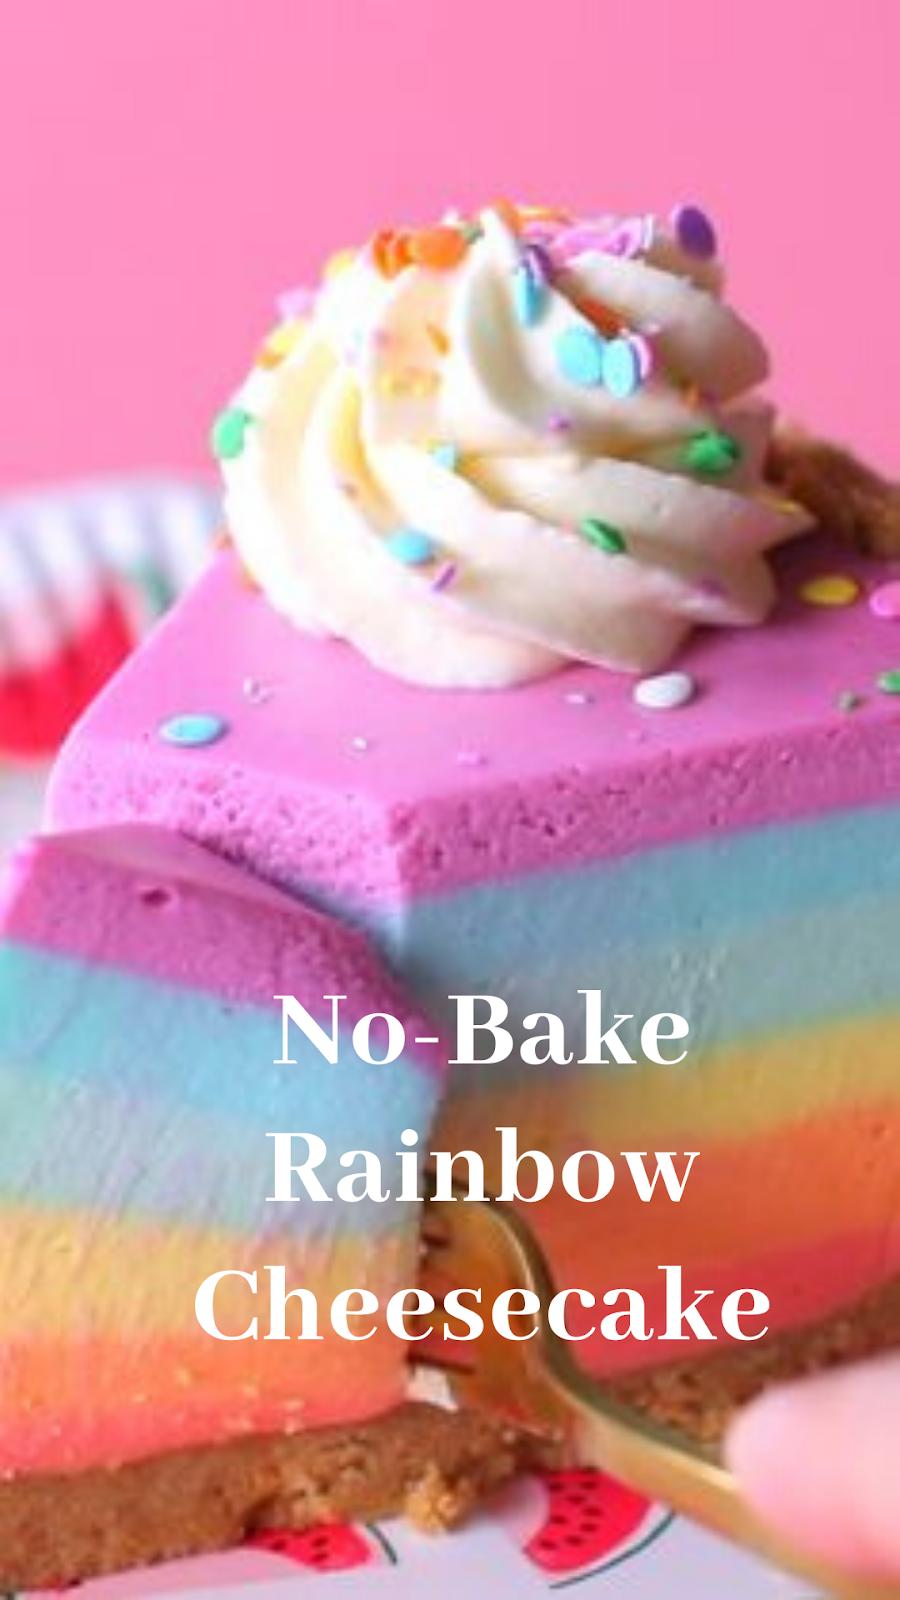 No-Bake Rainbow Cheesecake